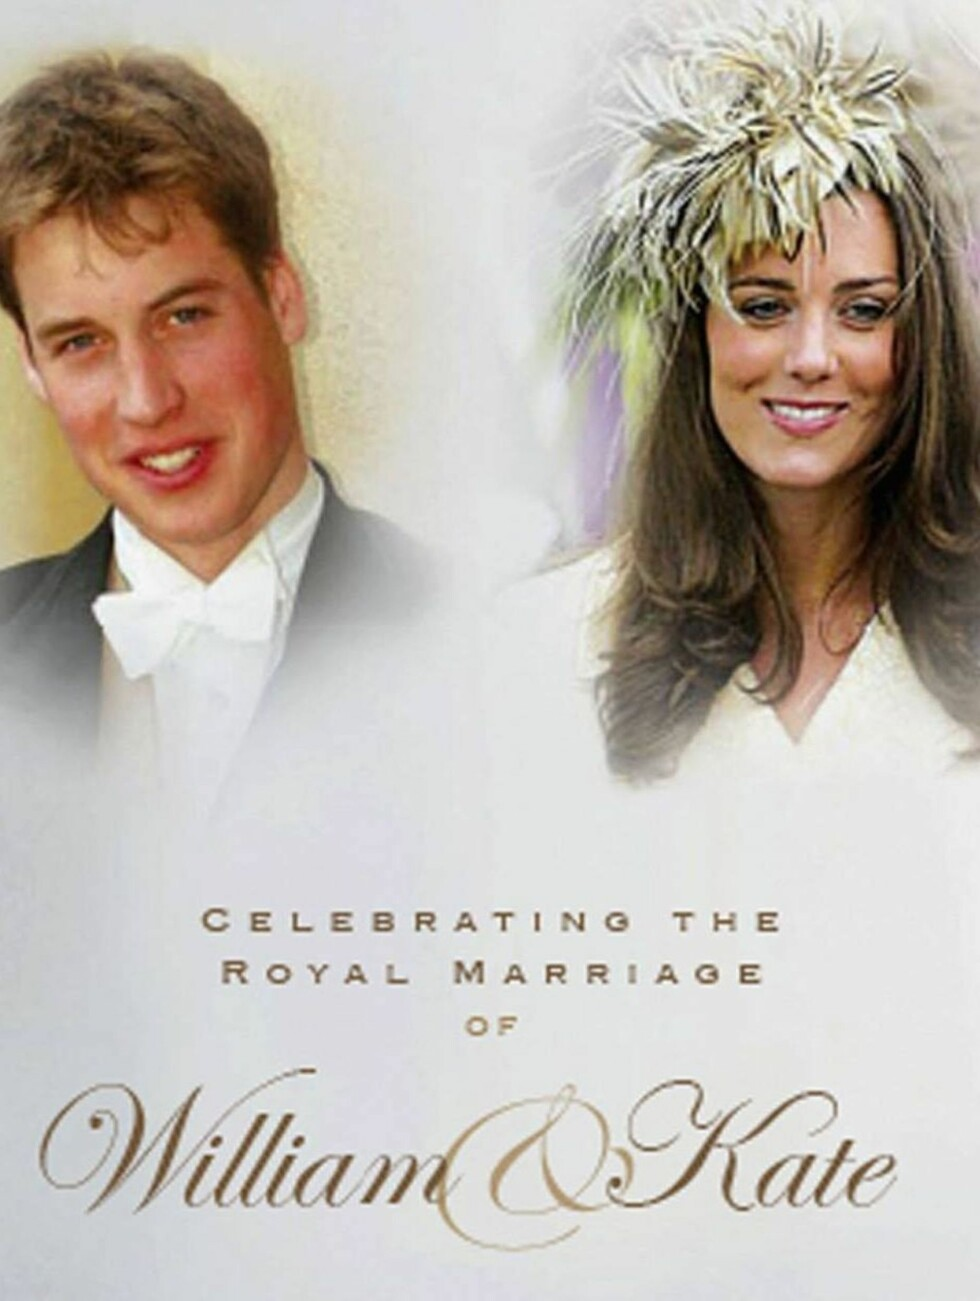 SAMMEN: Selv om William og Kate ikke engang er forlovet, har det kommet servise med de to! Foto: All Over Press